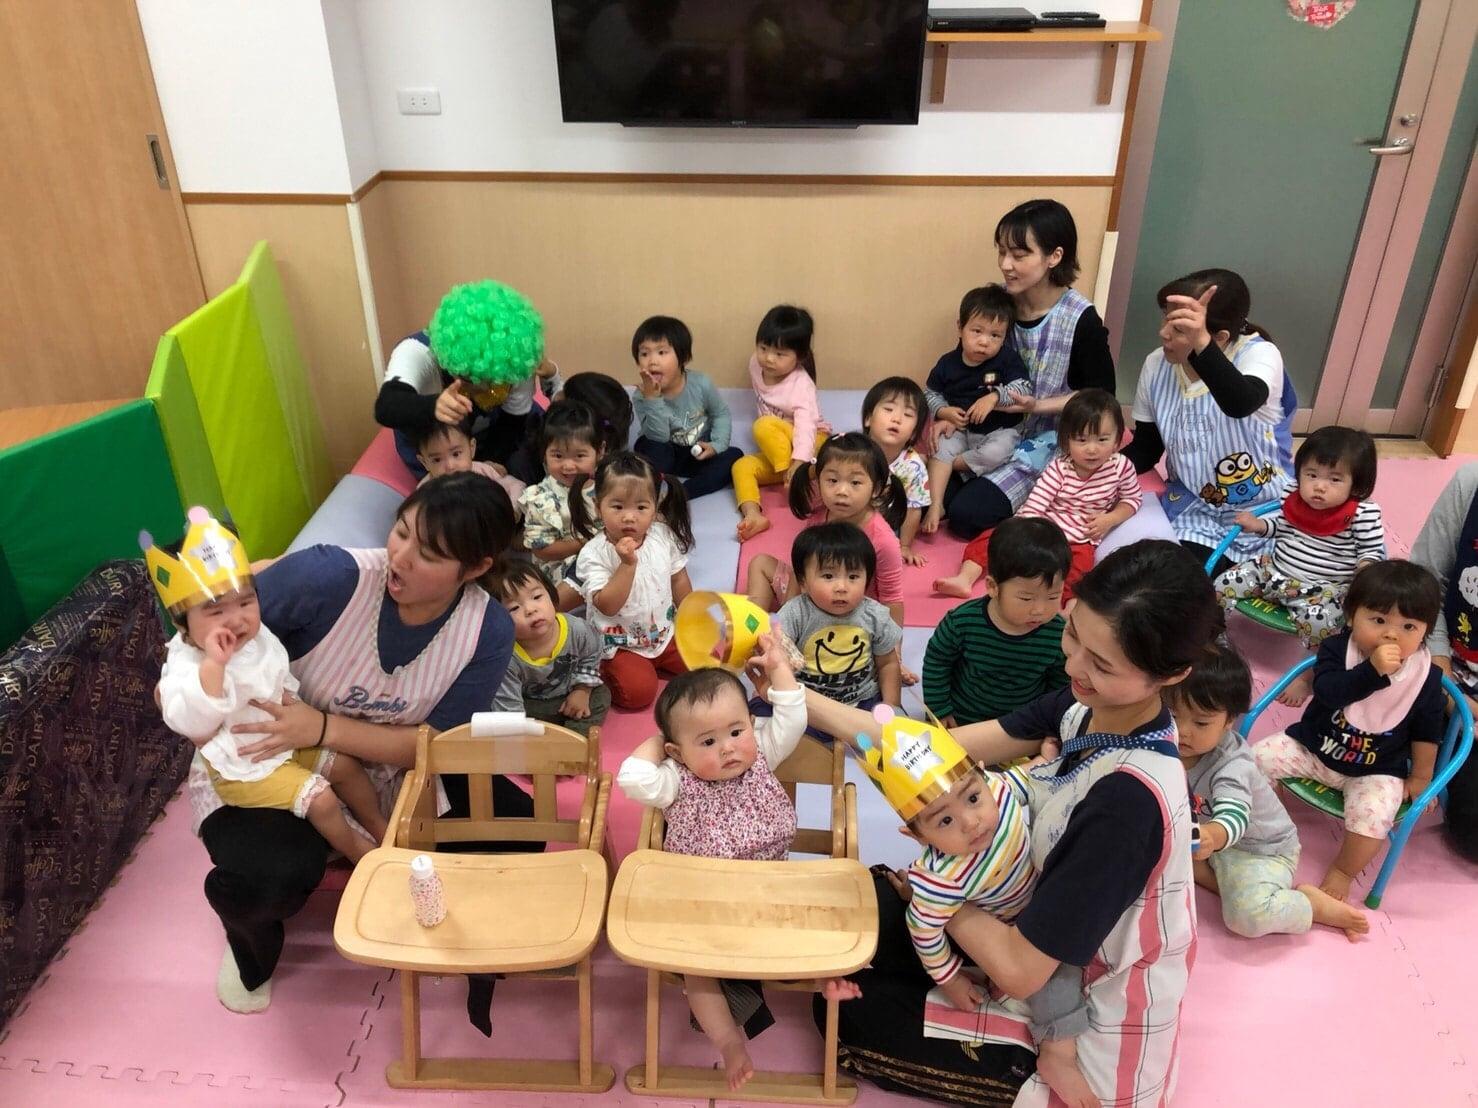 10月のお誕生日会🎂🎉&子どもたち🍂長岡京園 キャッチ画像